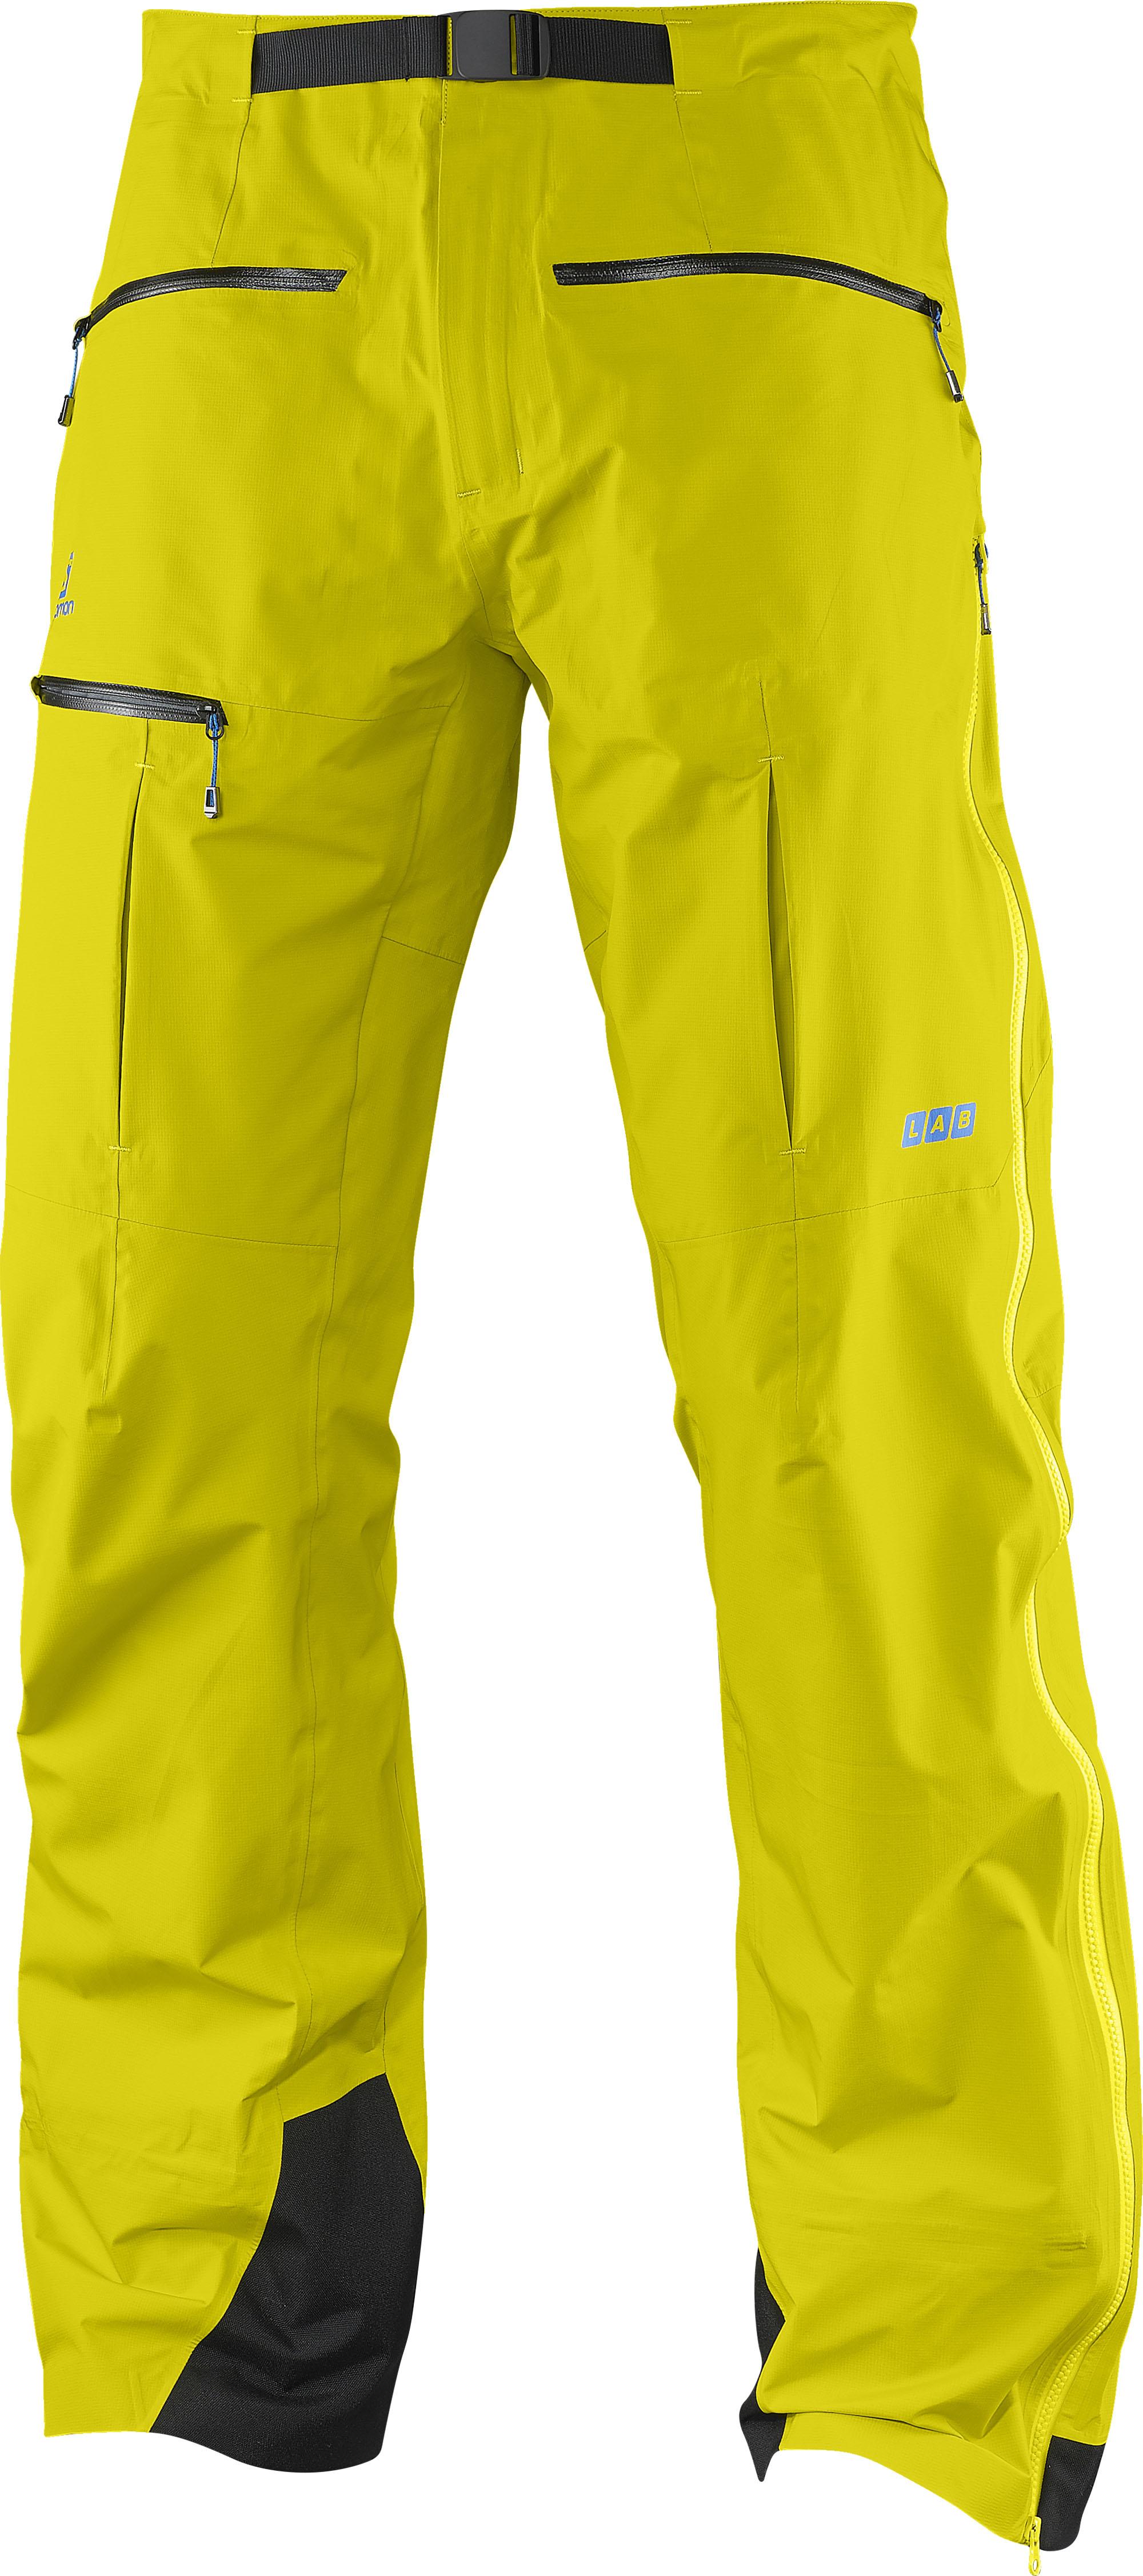 Salomon S-Lab X Alp Pro Pant 374852 žlutá 2XL